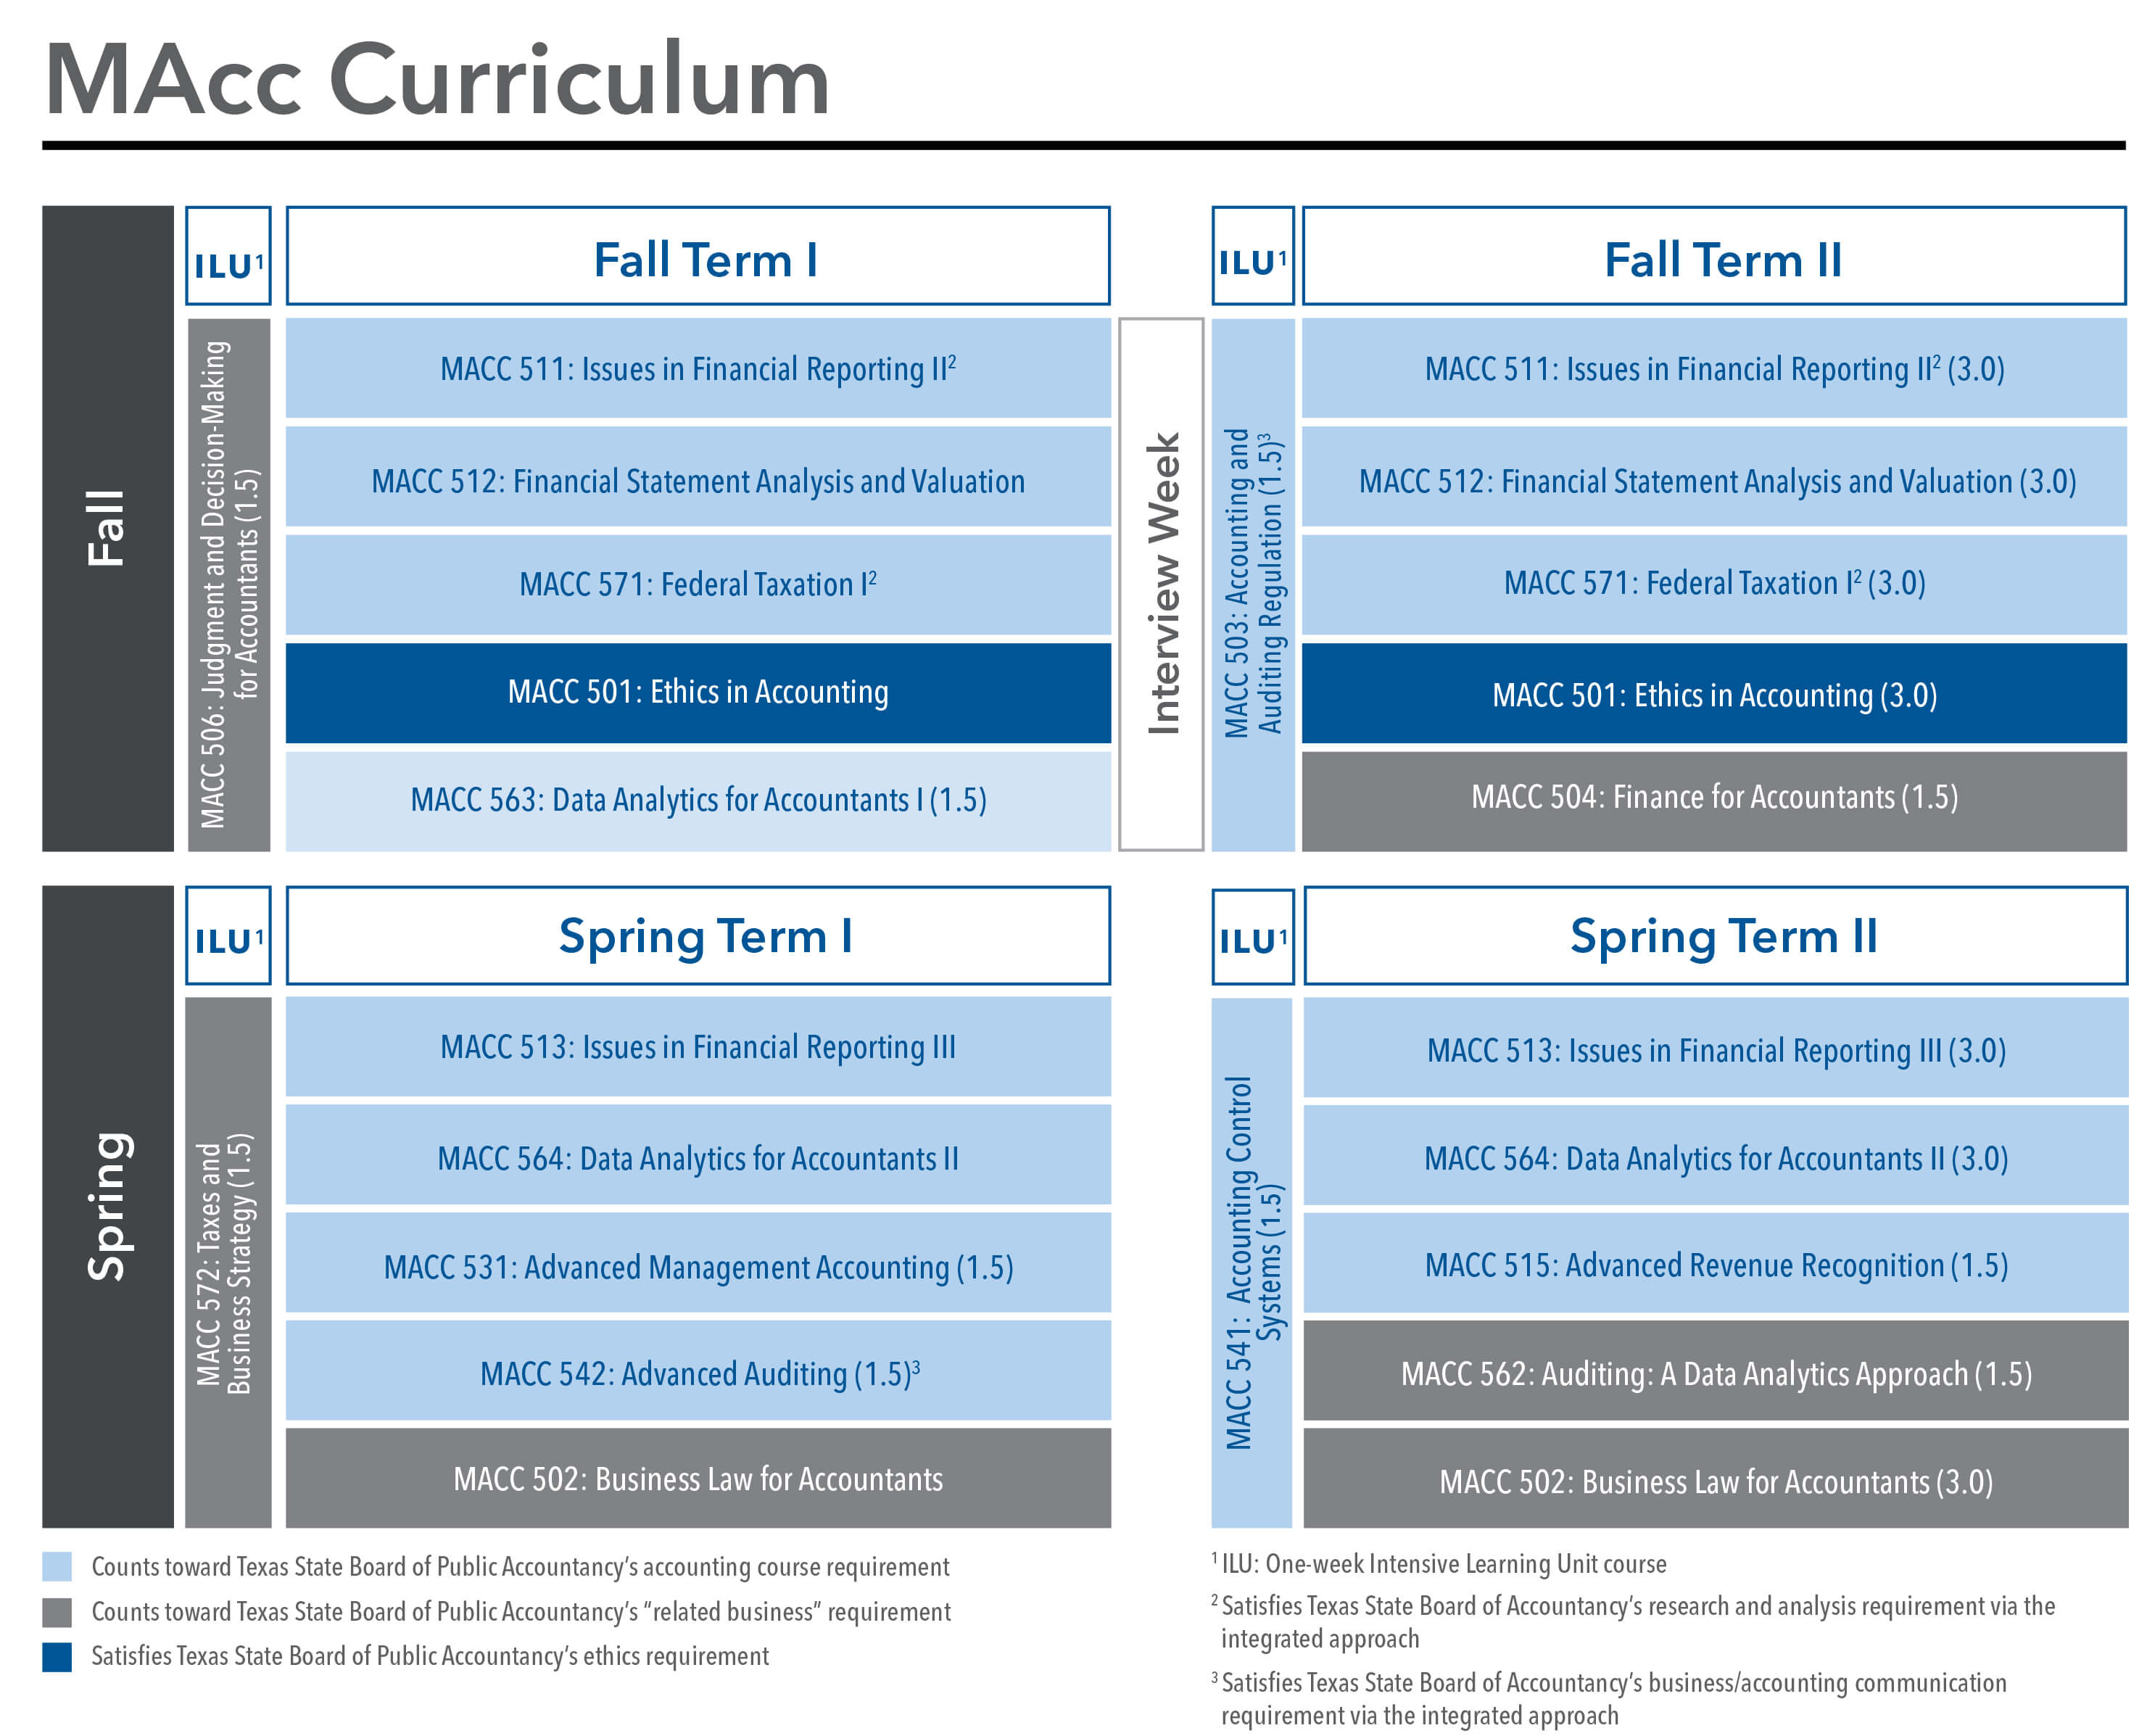 MAcc Curriculum 2021